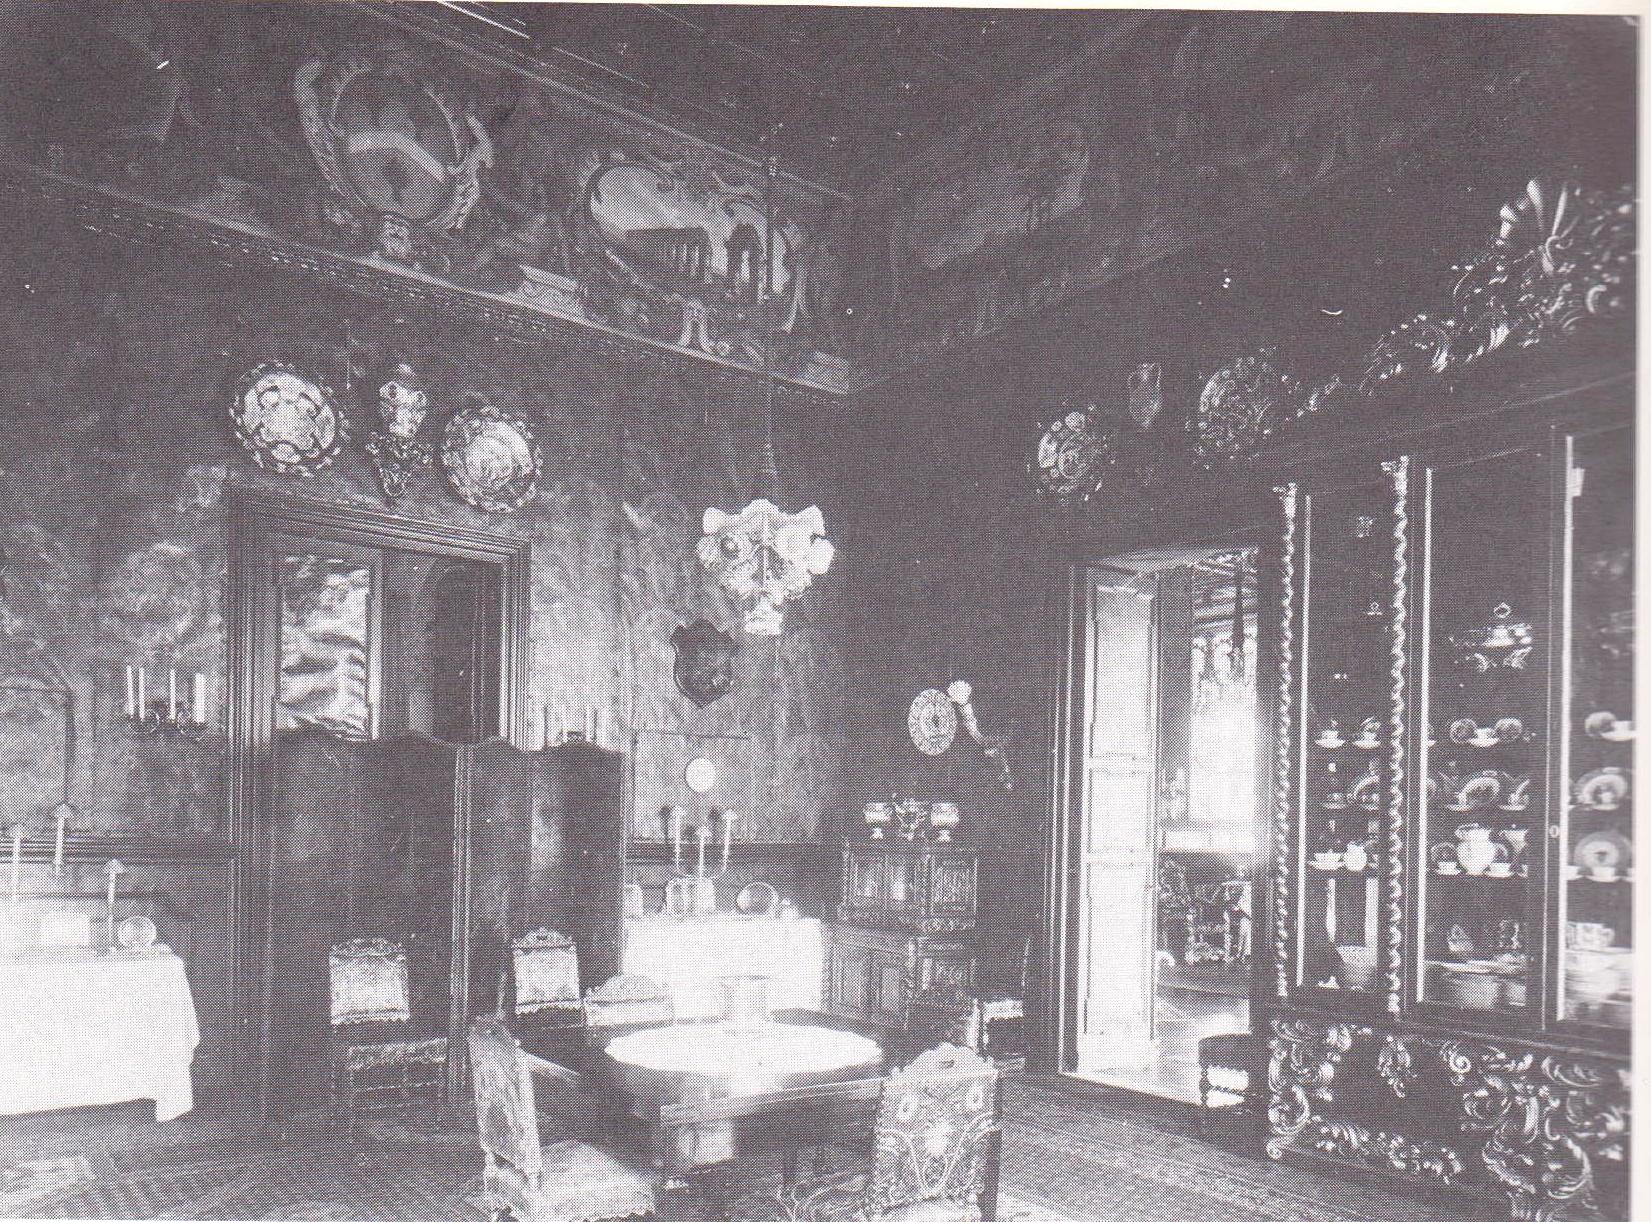 rocaille-blog-palazzo-brancaccio-museo-arte-orientale-73